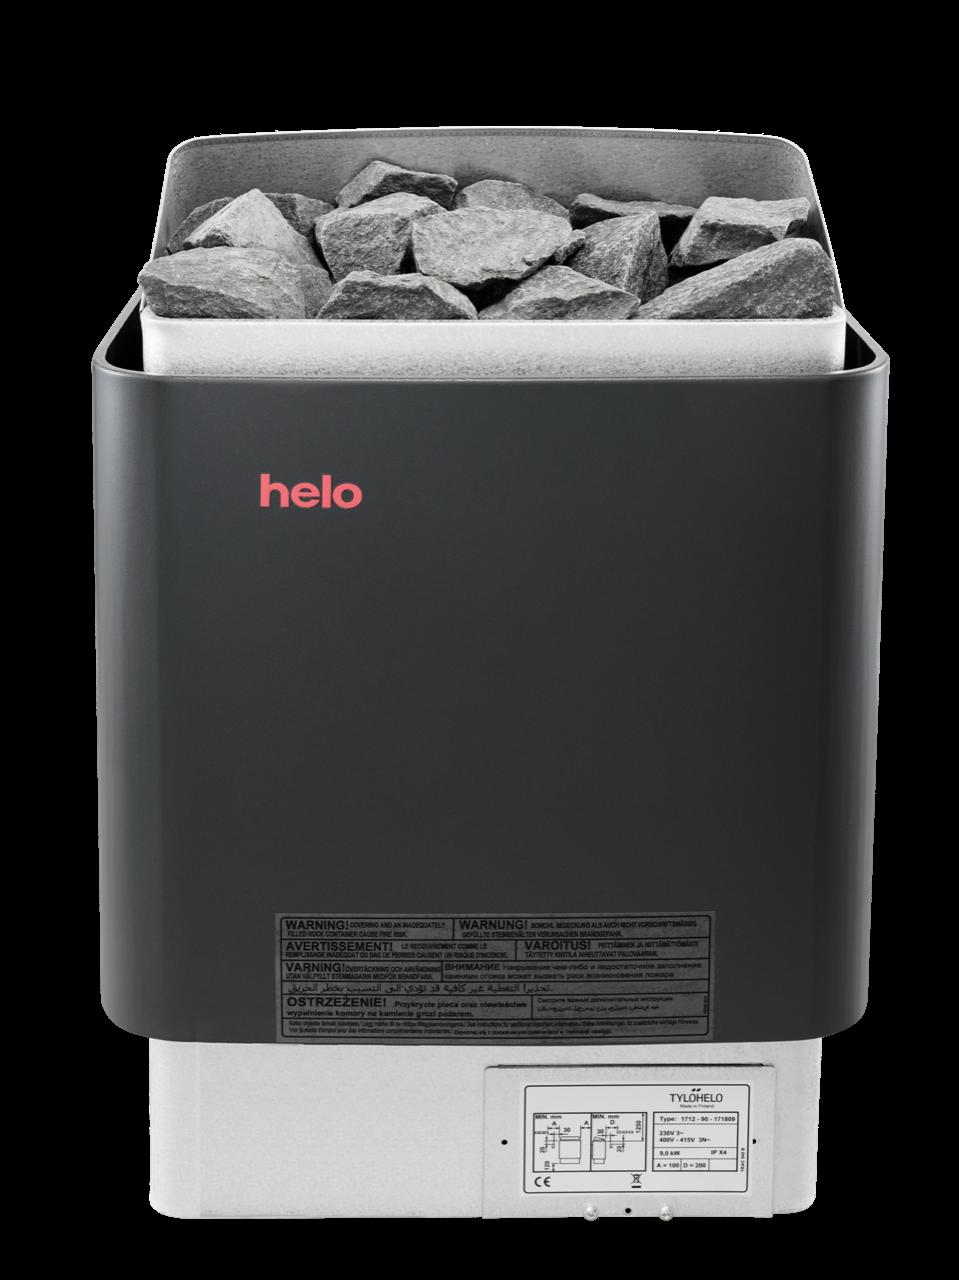 Afbeelding van Helo CUP 80D saunakachel 8 kW (externe besturing)